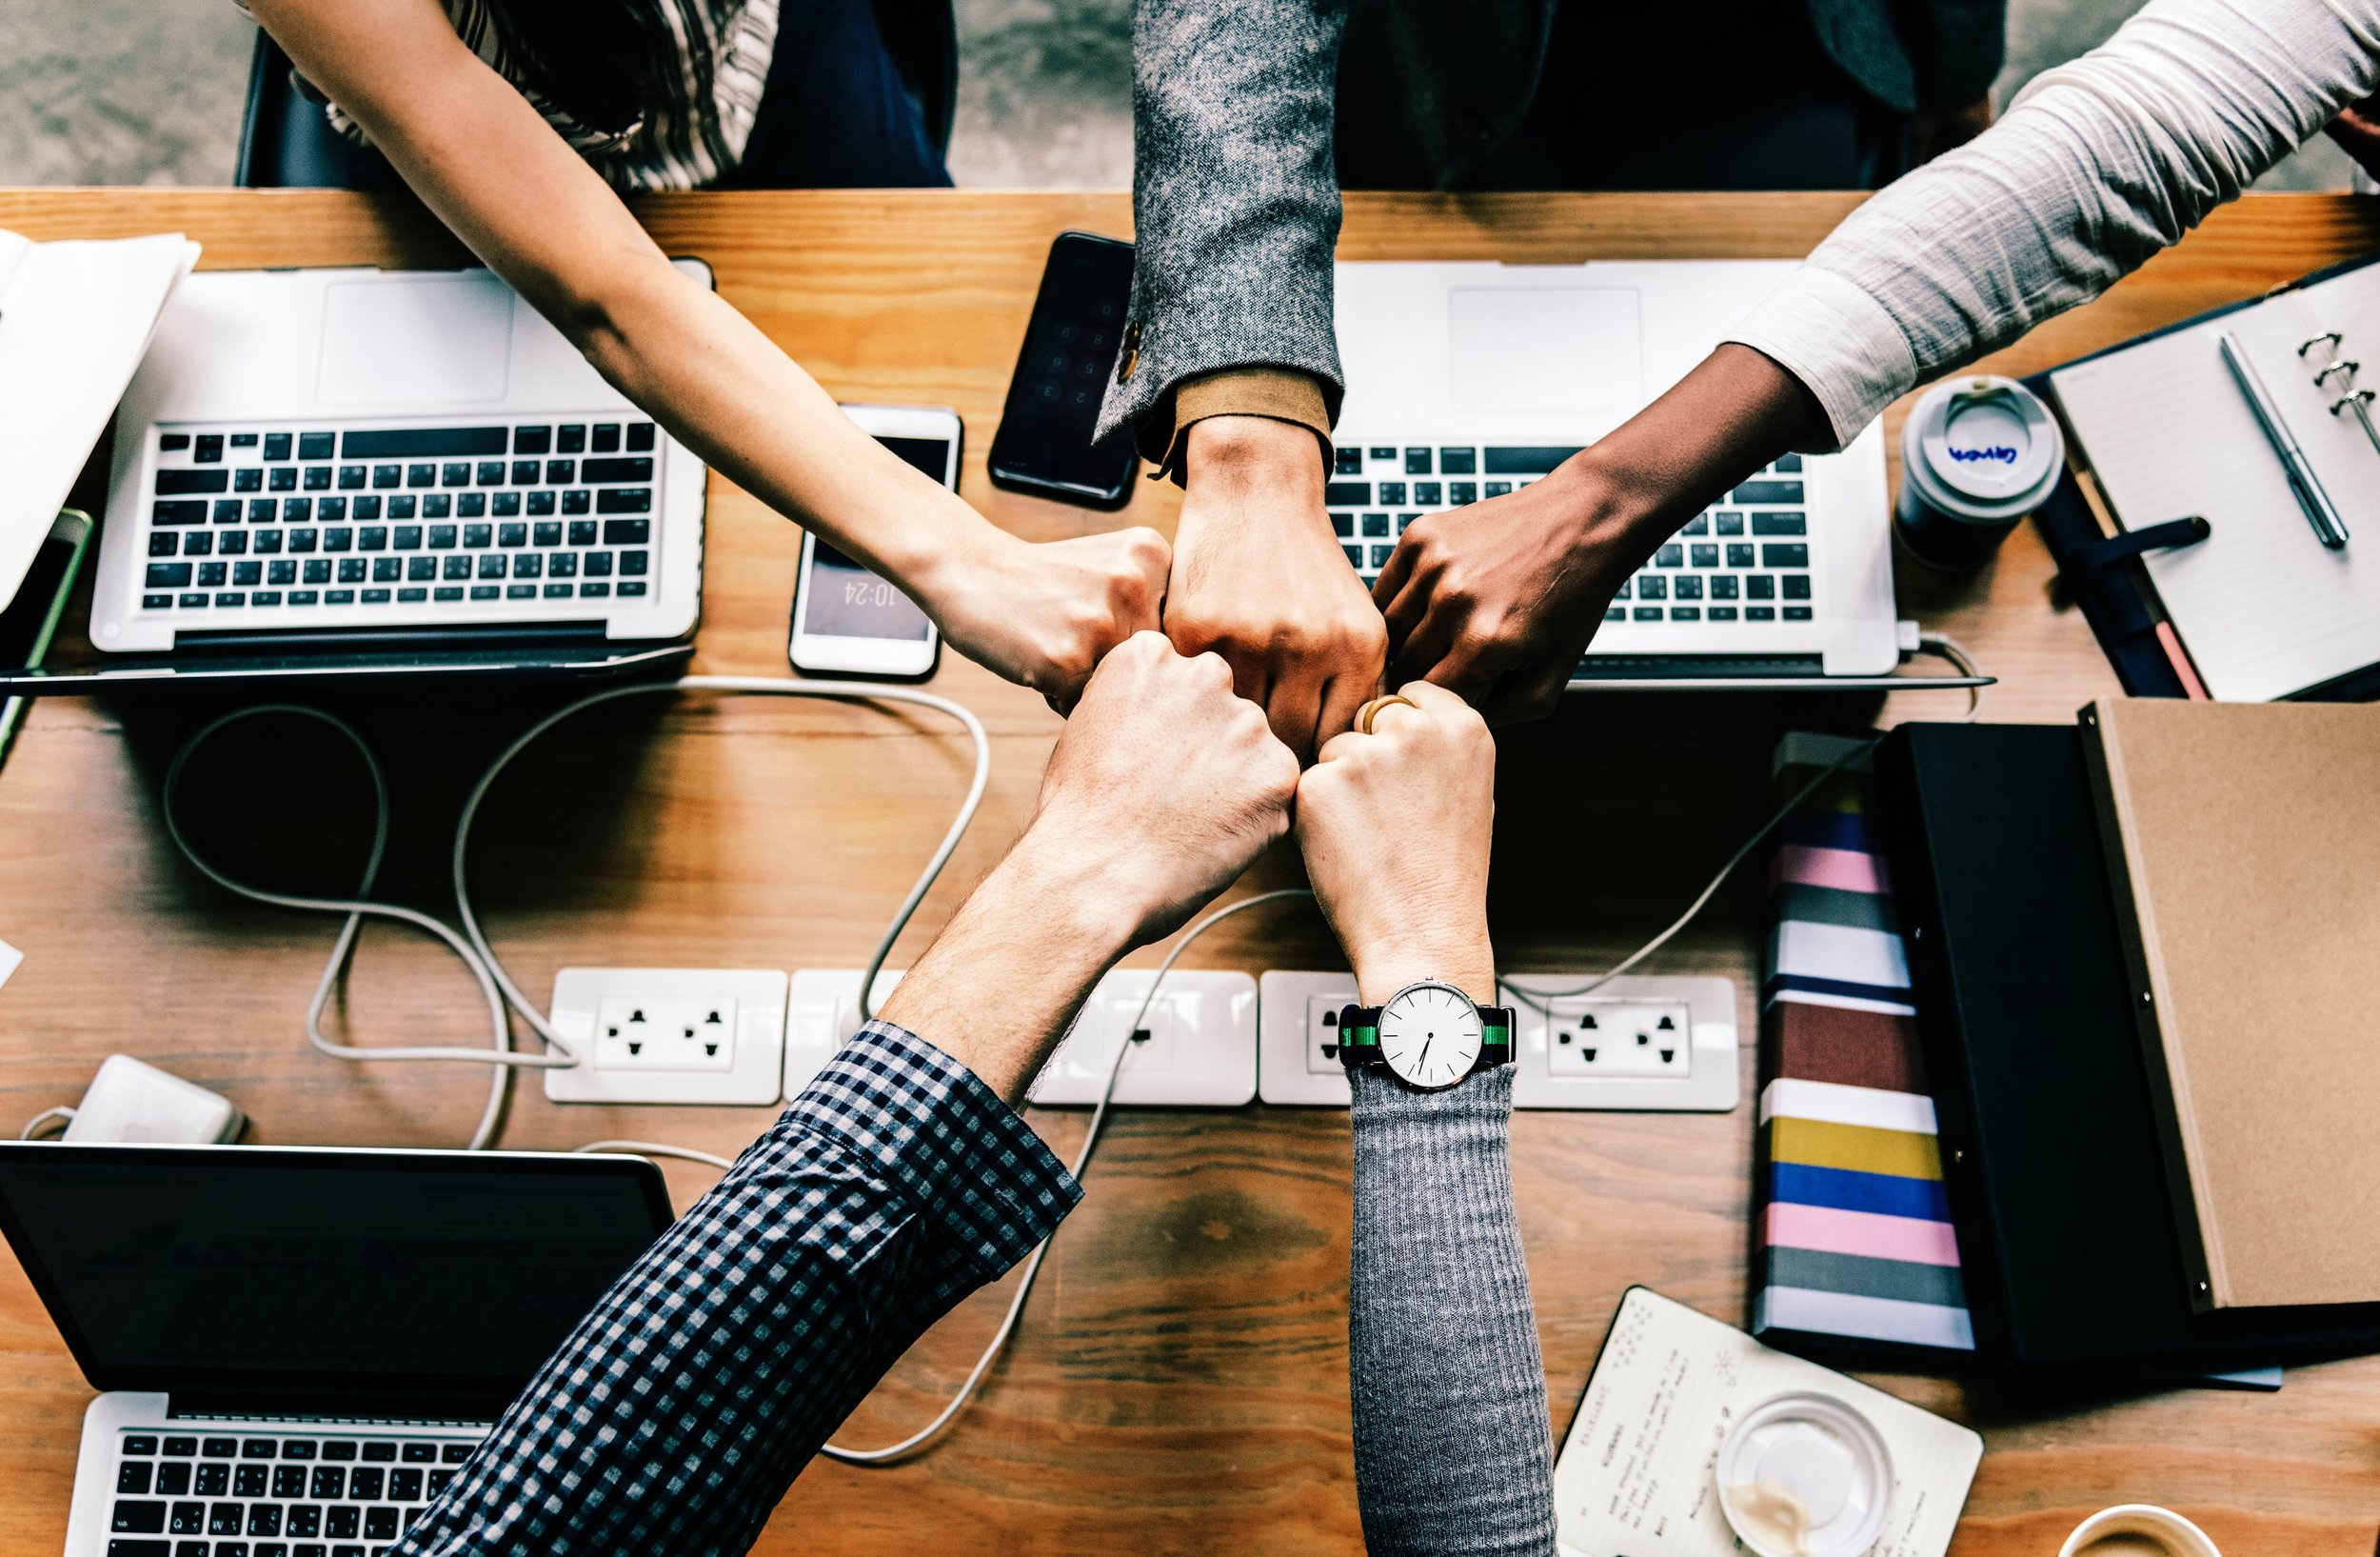 ....Our mission..Notre mission..Onze missie.... - ....We are committed to helping companies recruit the best candidates more simply and quickly through a unique digital recruiting experience...Nous avons à coeur d'aider les entreprises à recruter les meilleurs candidats plus simplement et rapidement au travers d'une expérience de recrutement digitale inédite...Wij willen ondernemingen helpen om eenvoudiger en sneller de beste kandidaten te rekruteren, via een unieke digitale ervaring.....